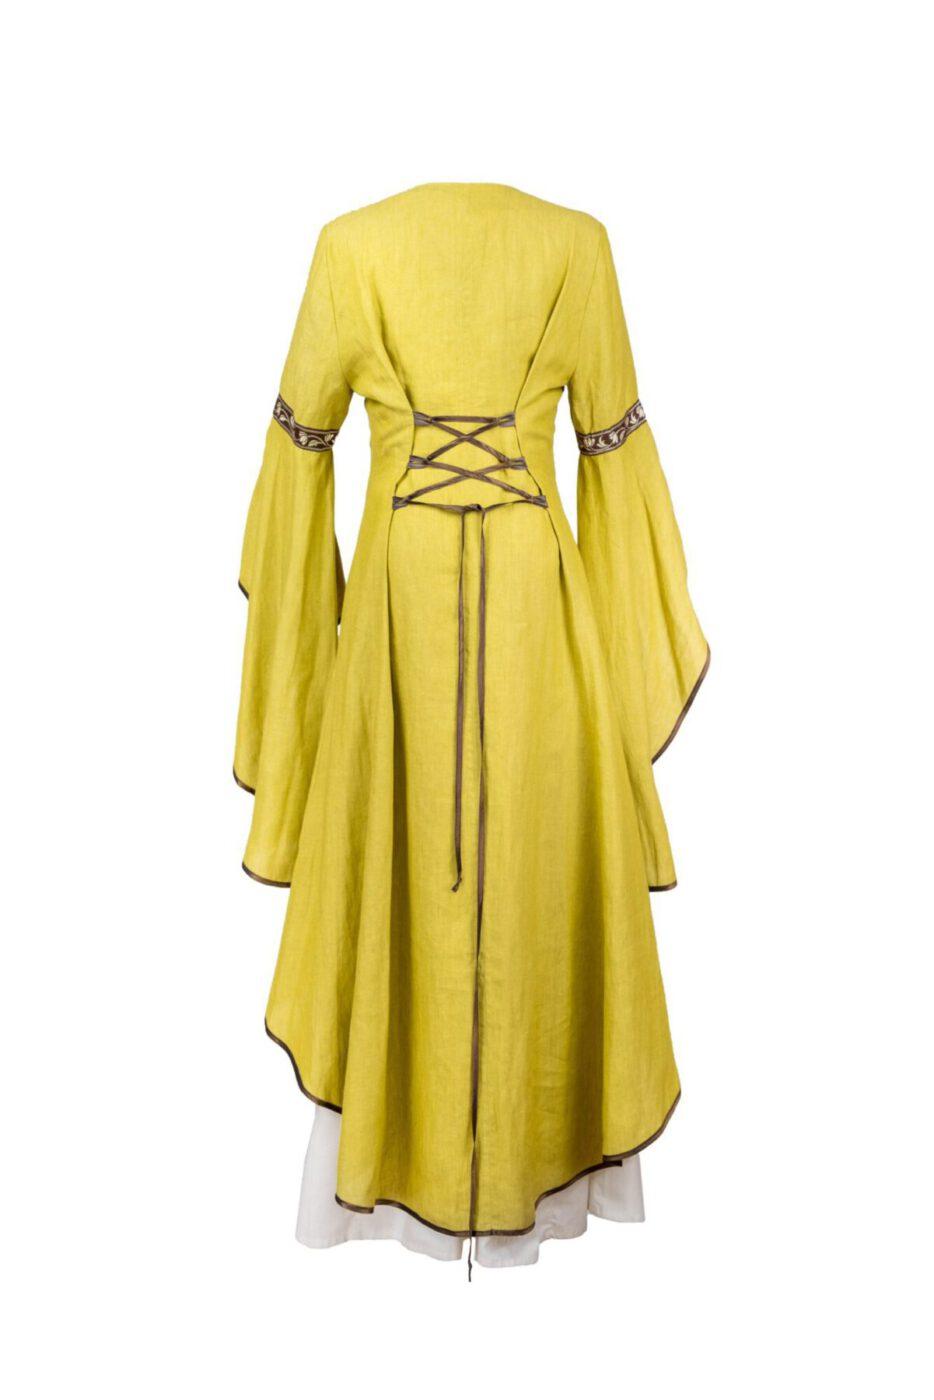 Überkleid aus Leinen Modell Amalia